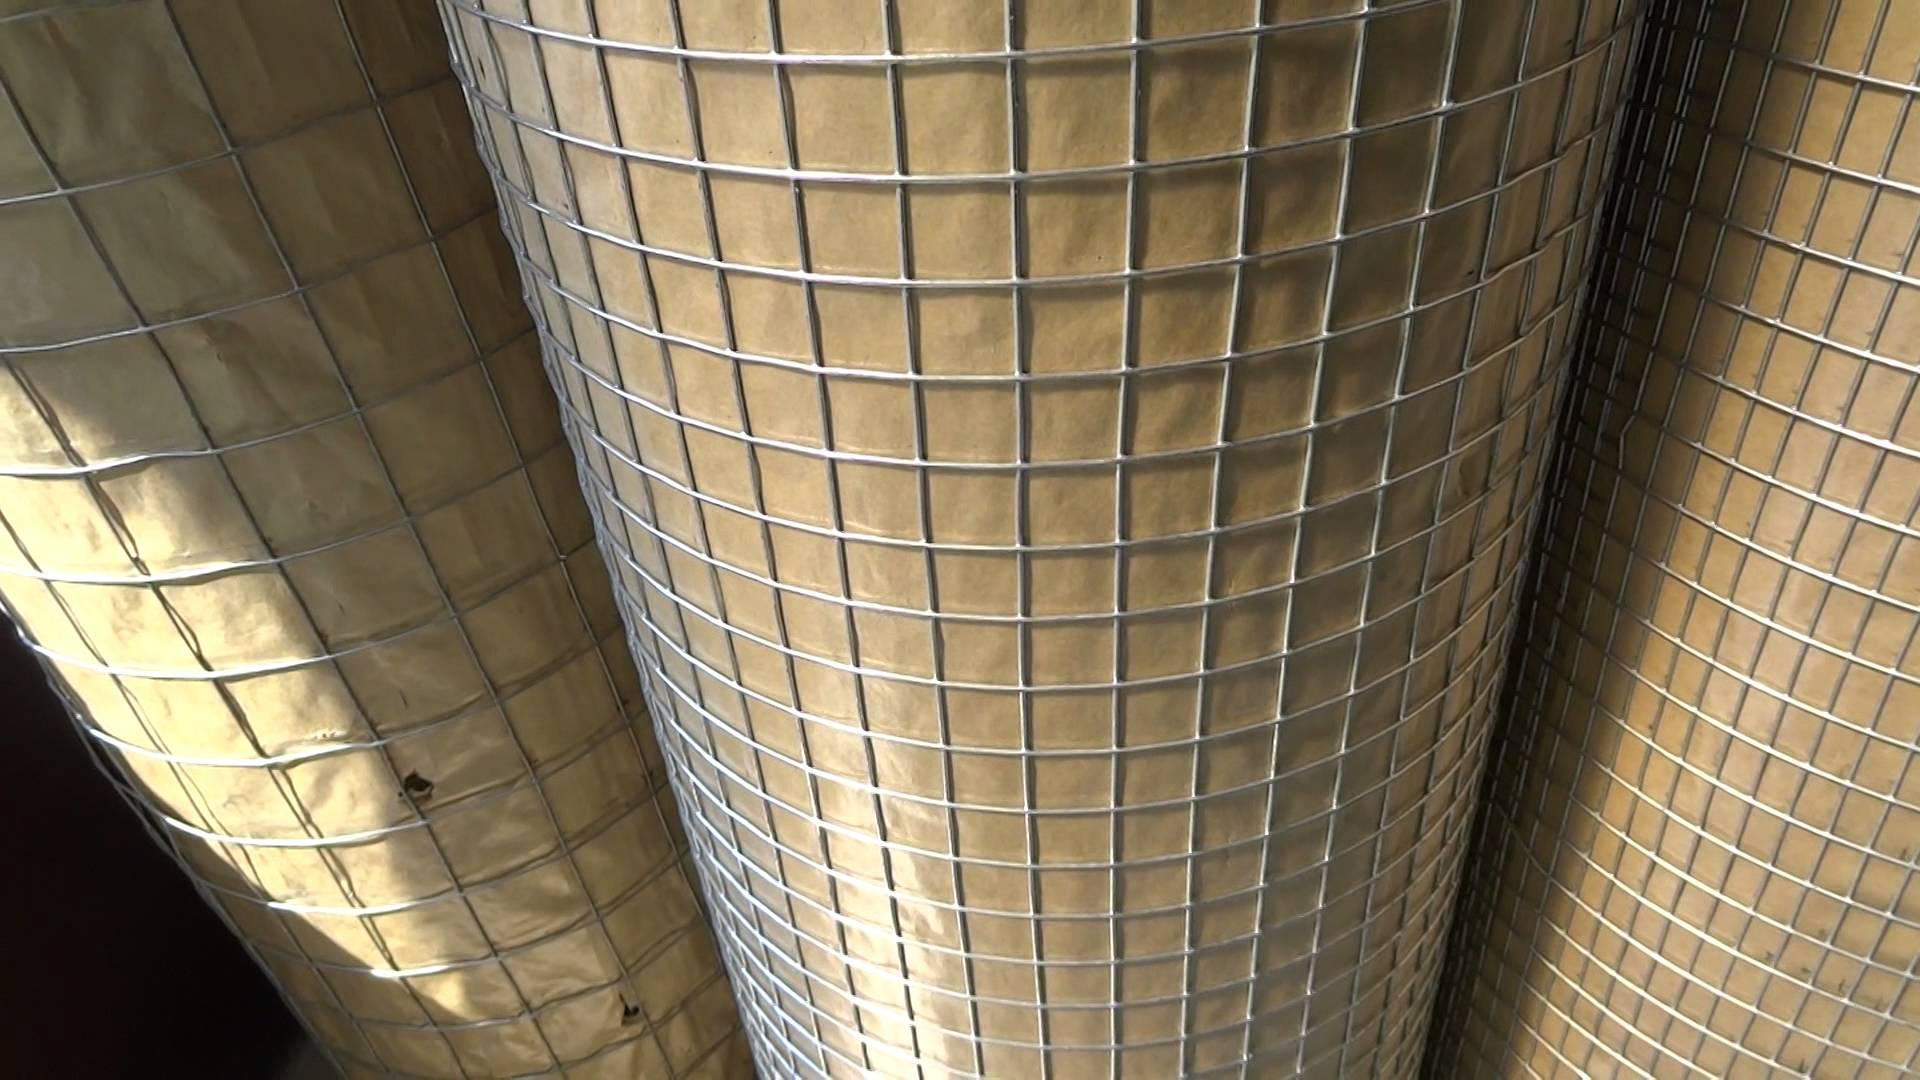 Цинковое покрытие, которое наносится на проволоку, повышает антикоррозионные свойства изделий